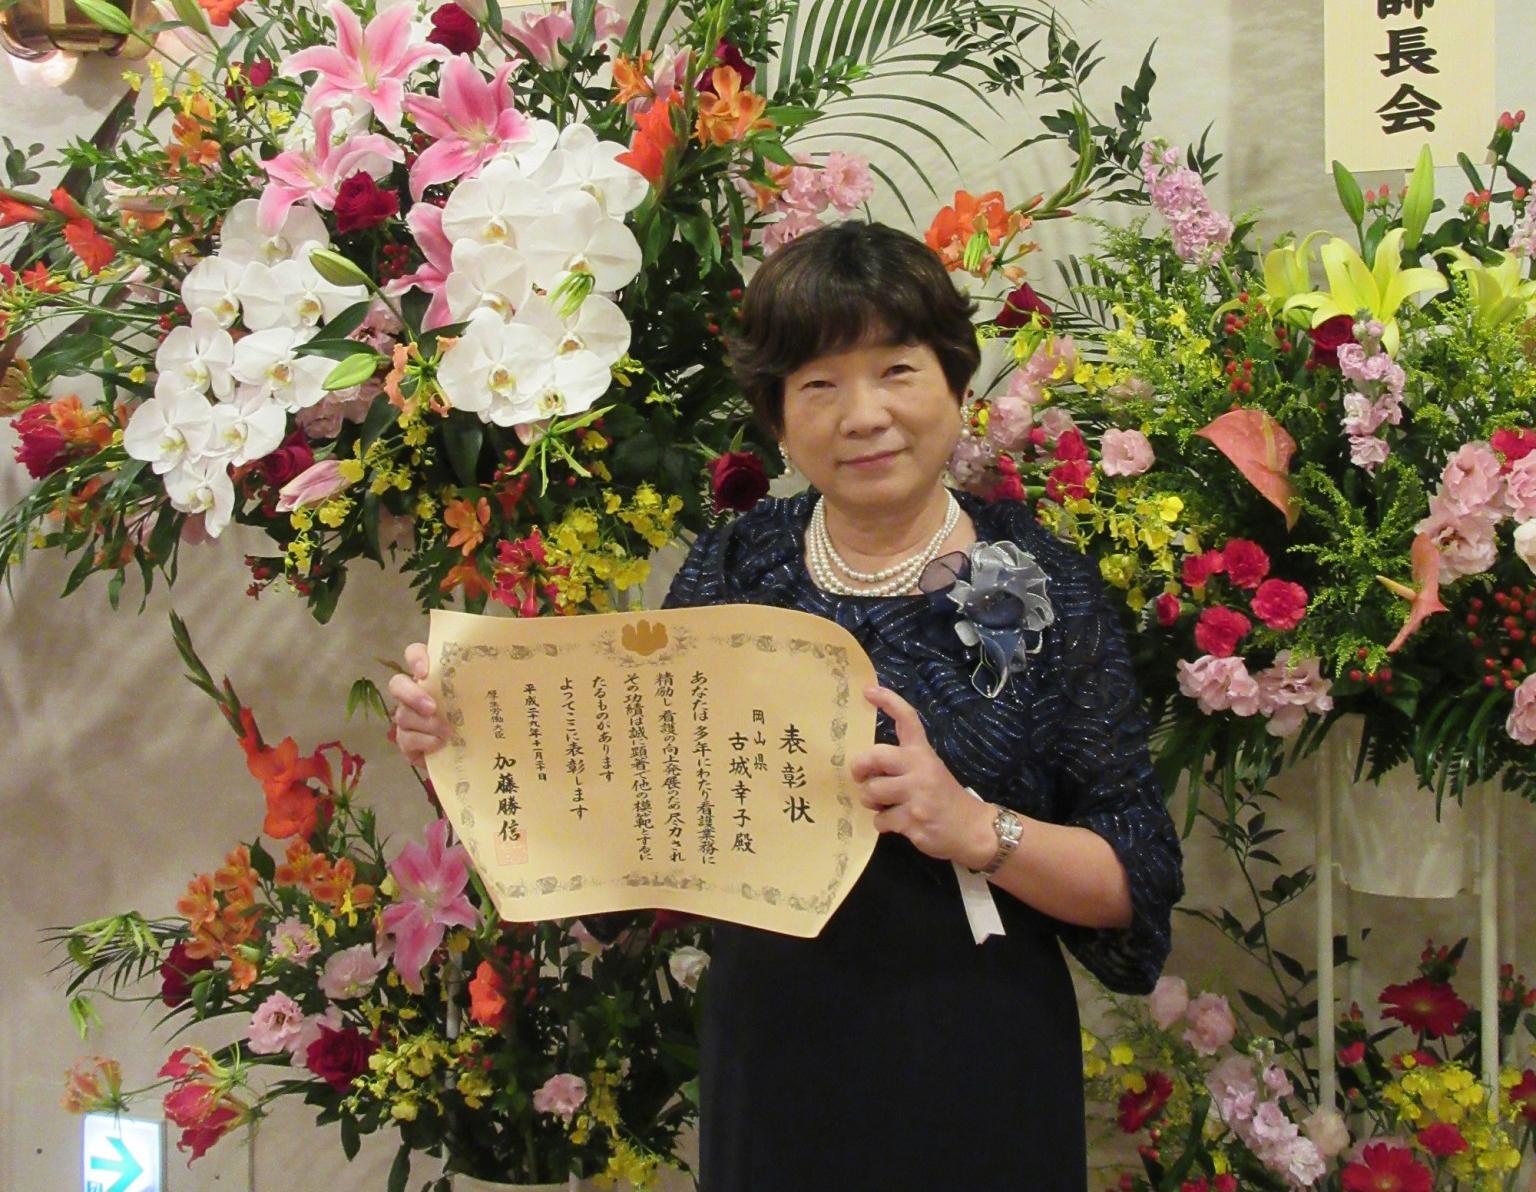 吉備国際大学看護学科教授 古城 幸子先生が厚生労働大臣表彰を受賞されました